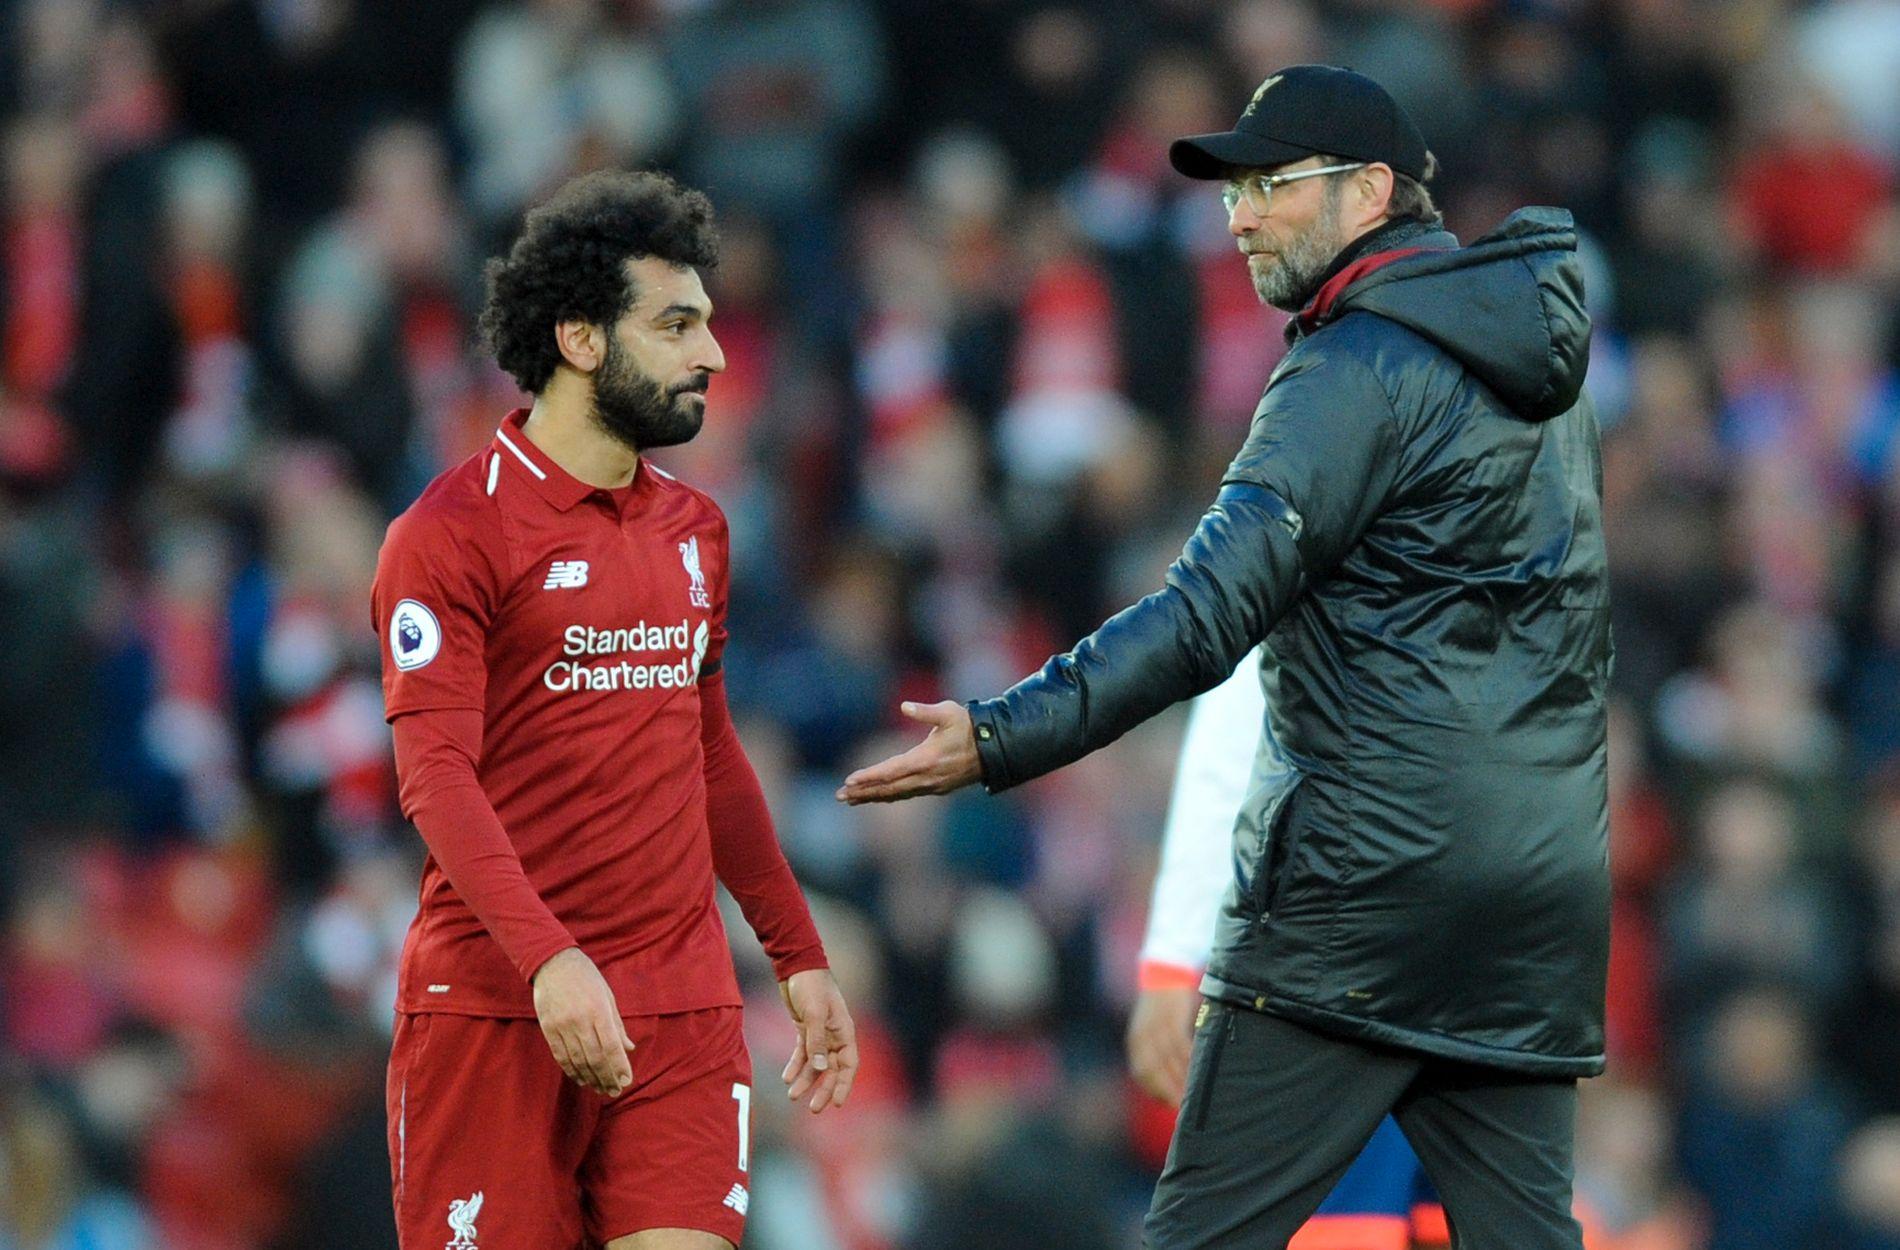 NYE MULIGHETER: Mohamed Salah, Jürgen Klopp og Liverpool møter Watford til ny kamp om tre poeng.